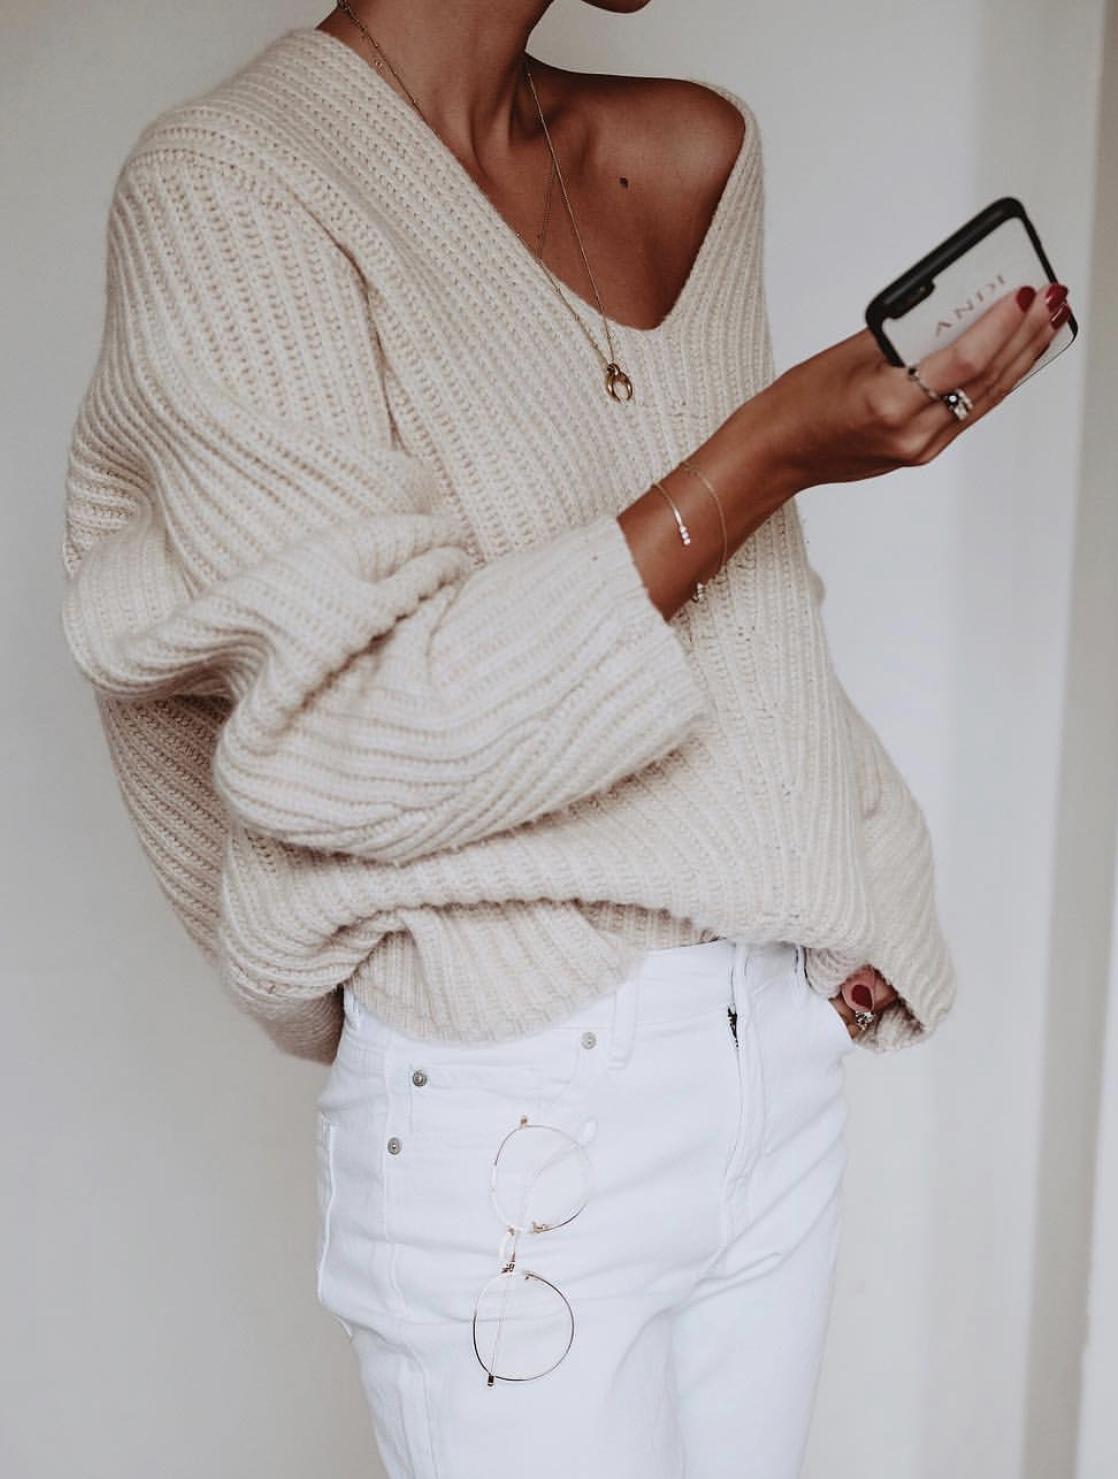 De allermooiste winterproof knits!